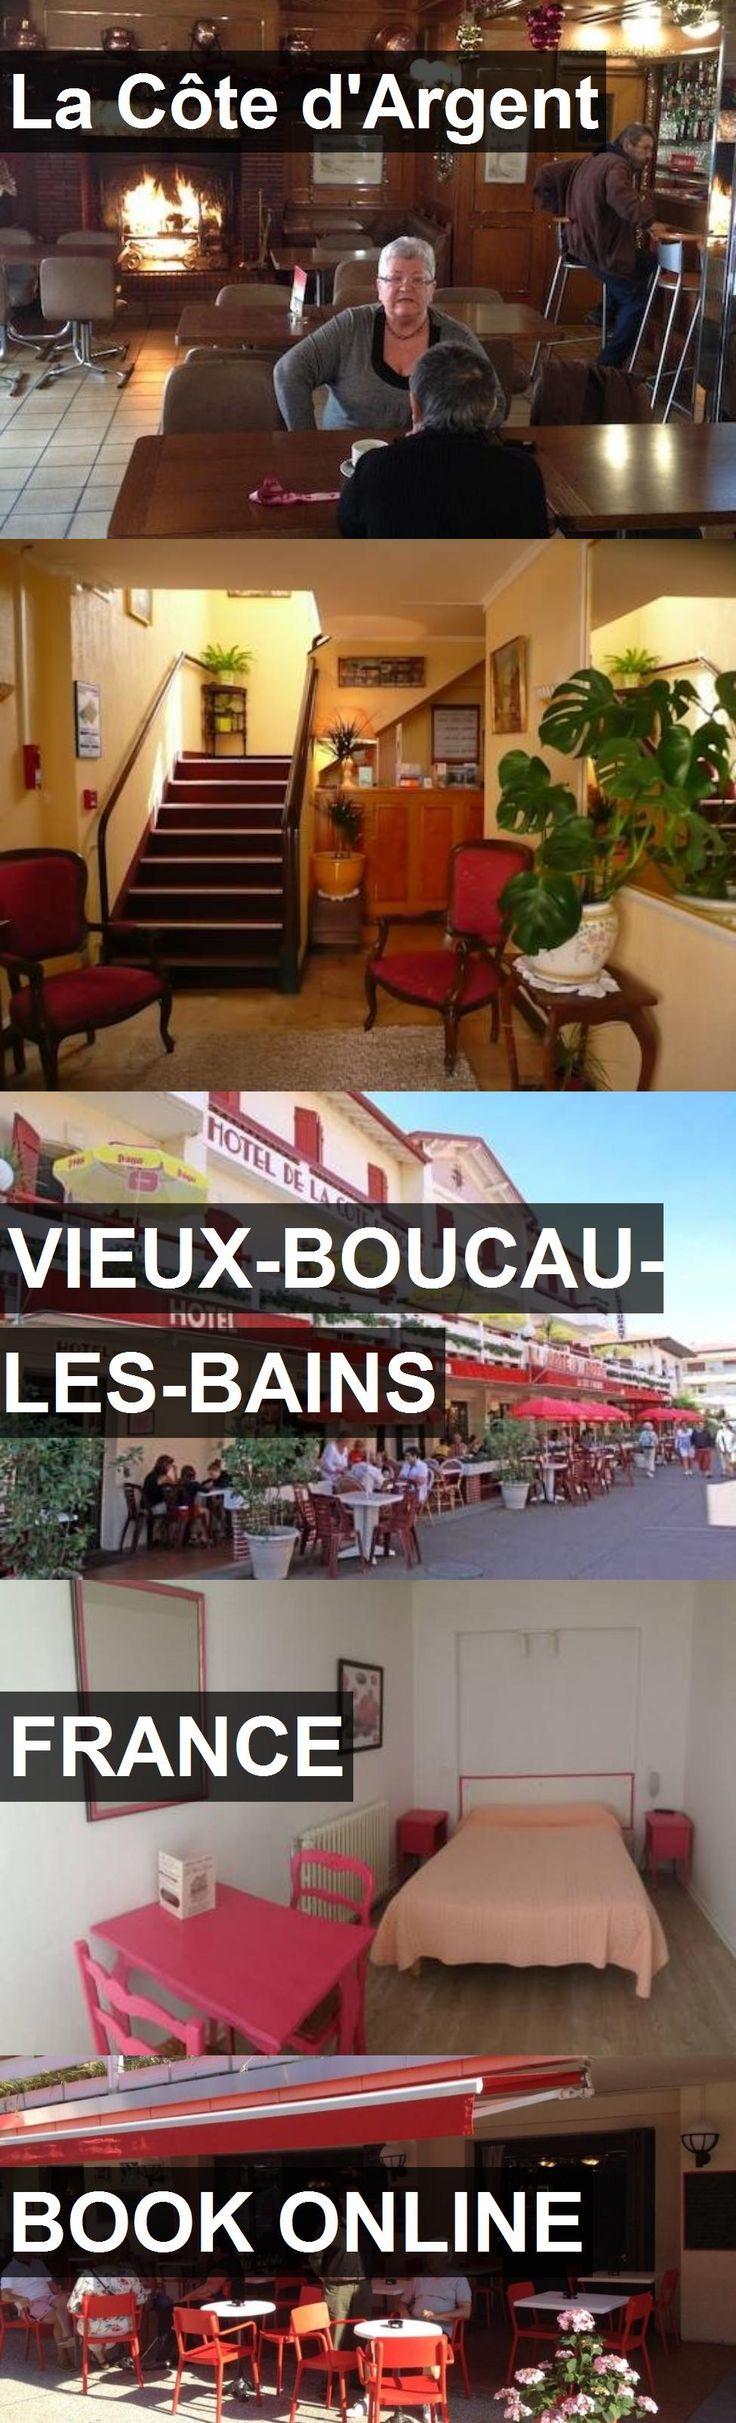 Hotel La Côte d'Argent in Vieux-Boucau-les-Bains, France. For more information, photos, reviews and best prices please follow the link. #France #Vieux-Boucau-les-Bains #LaCôted'Argent #hotel #travel #vacation